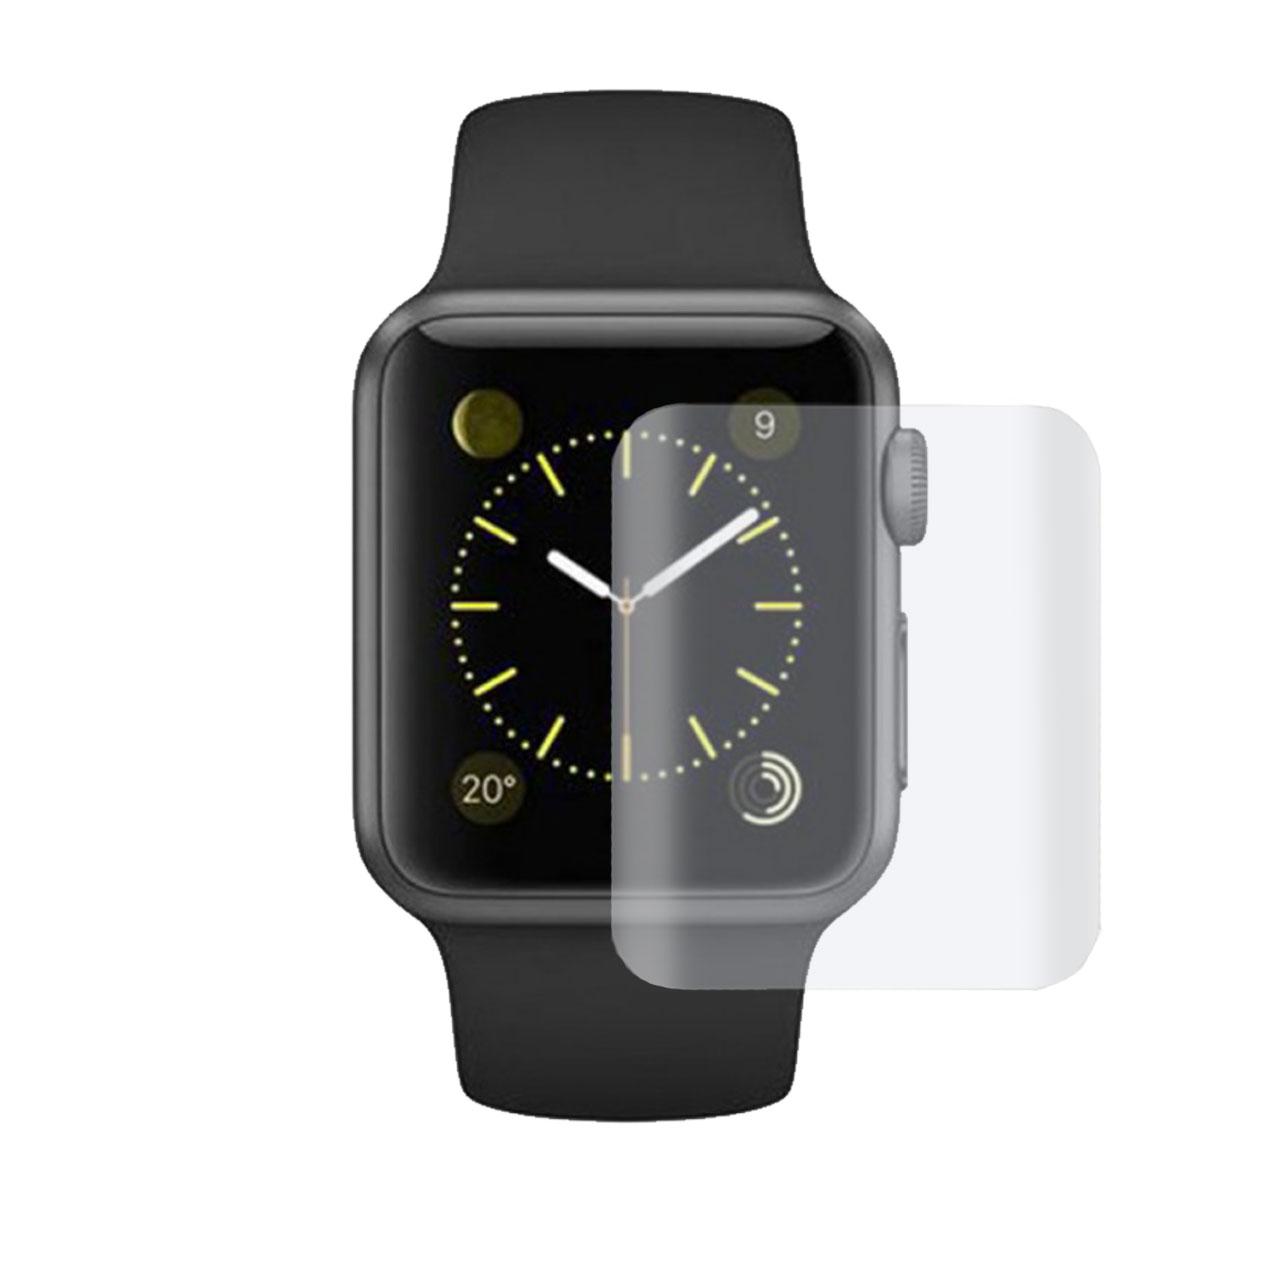 محافظ صفحه نمايش یووی لایت مدل GUSP مناسب براي اپل واچ 38 میلی متری               ( قیمت و خرید)